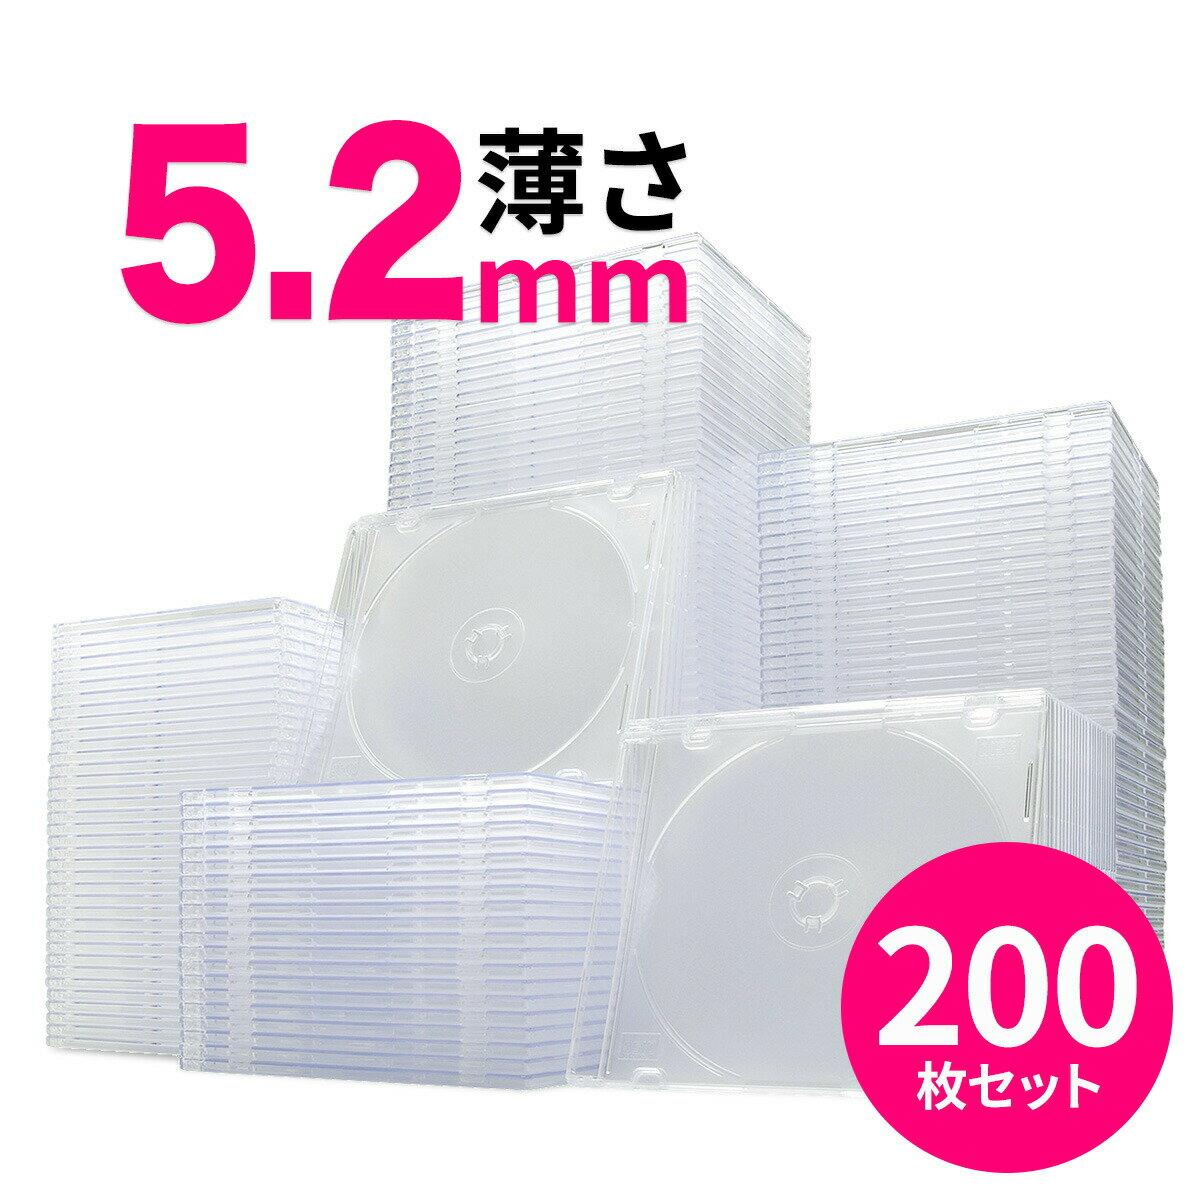 【送料無料】CDケース DVDケース ブルーレイケース 200個セット プラケース スリムケース(5.2mm) 収納ケース メディアケース [200-FCD031-200]【サンワダイレクト限定品】